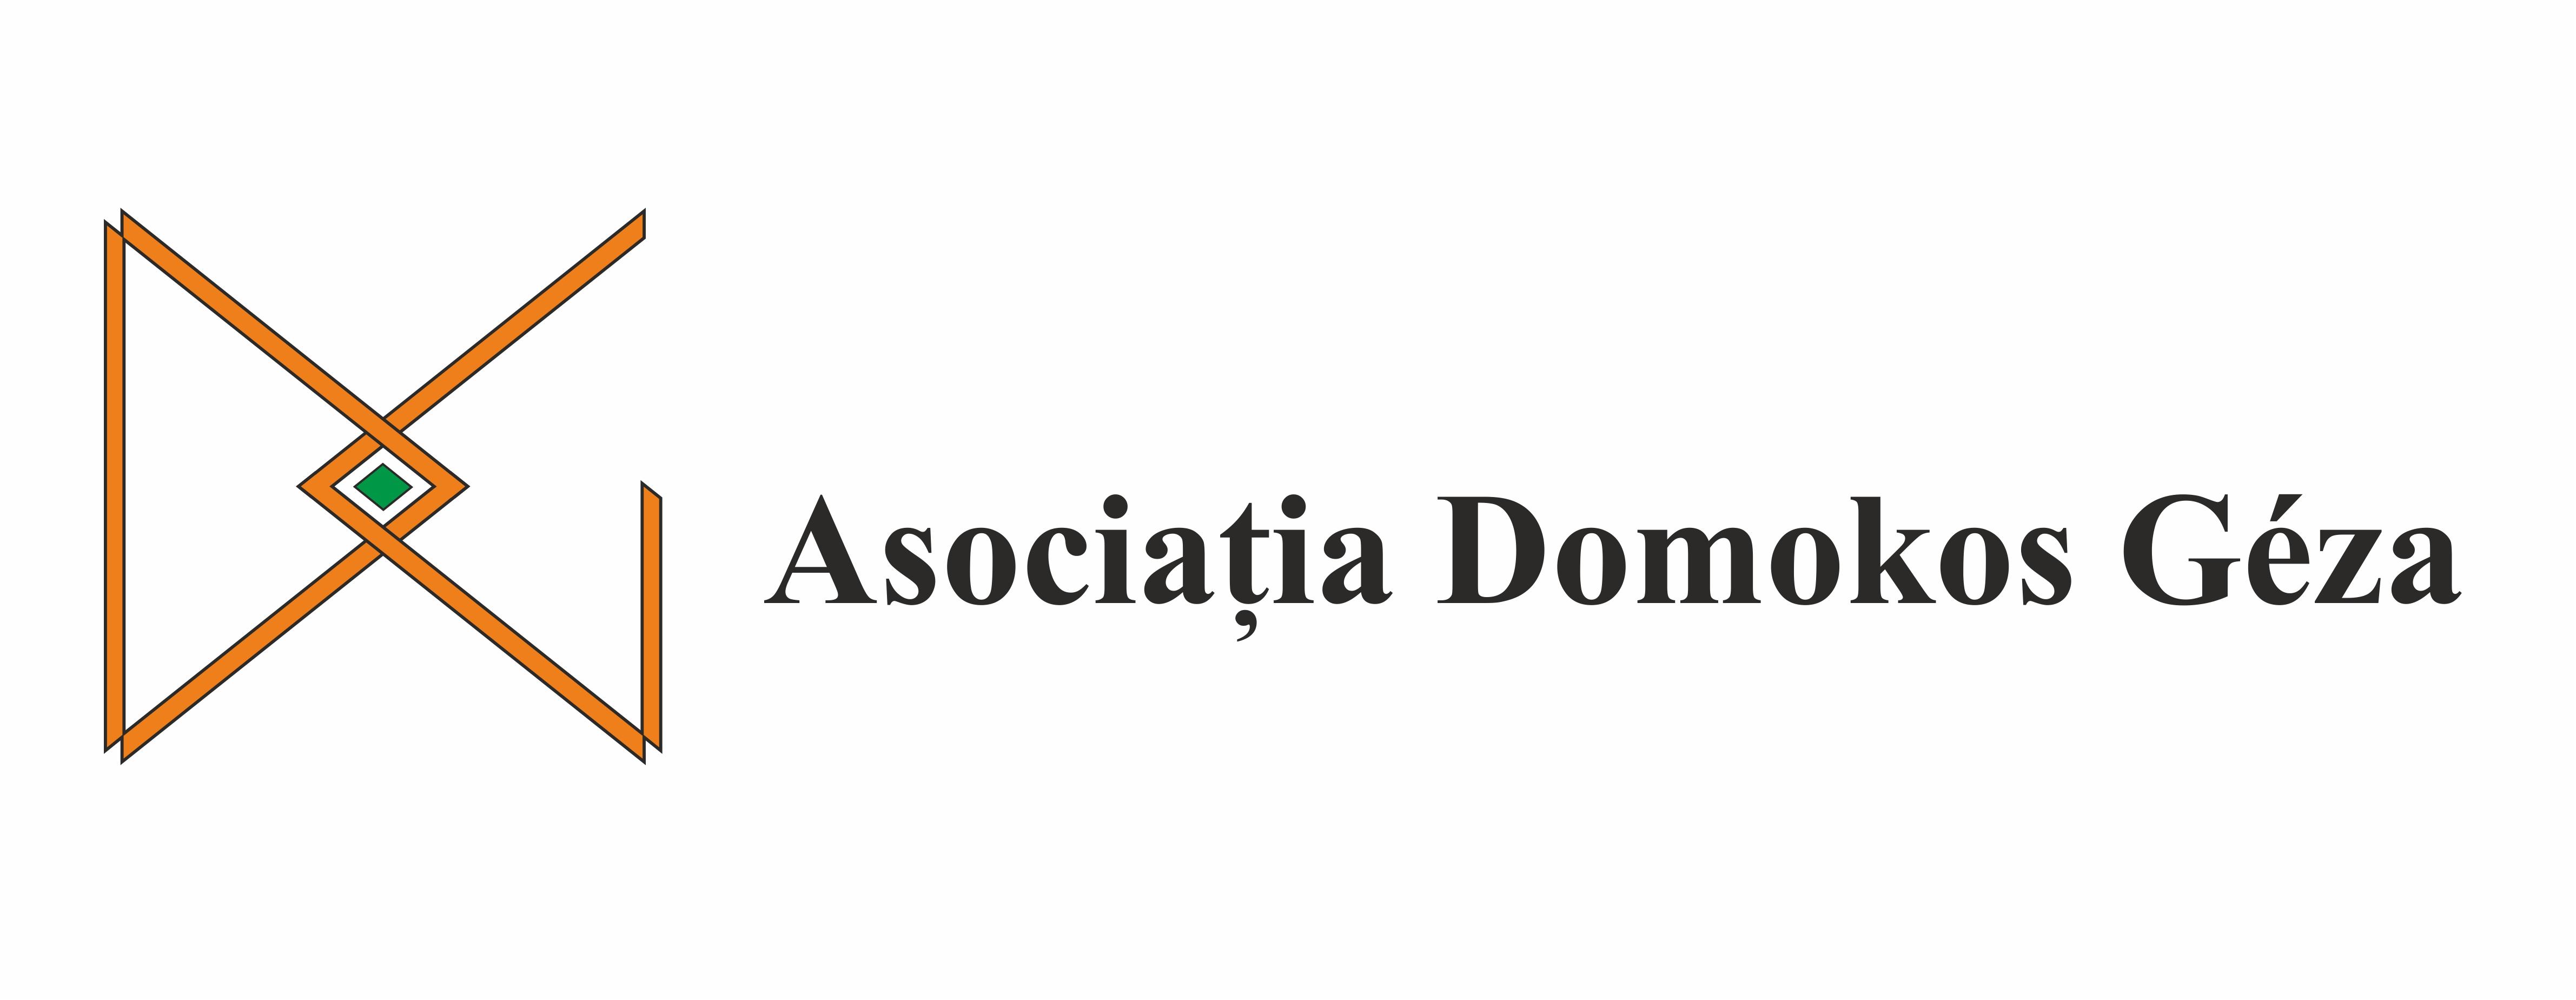 Asociatia Domokos Geza logo